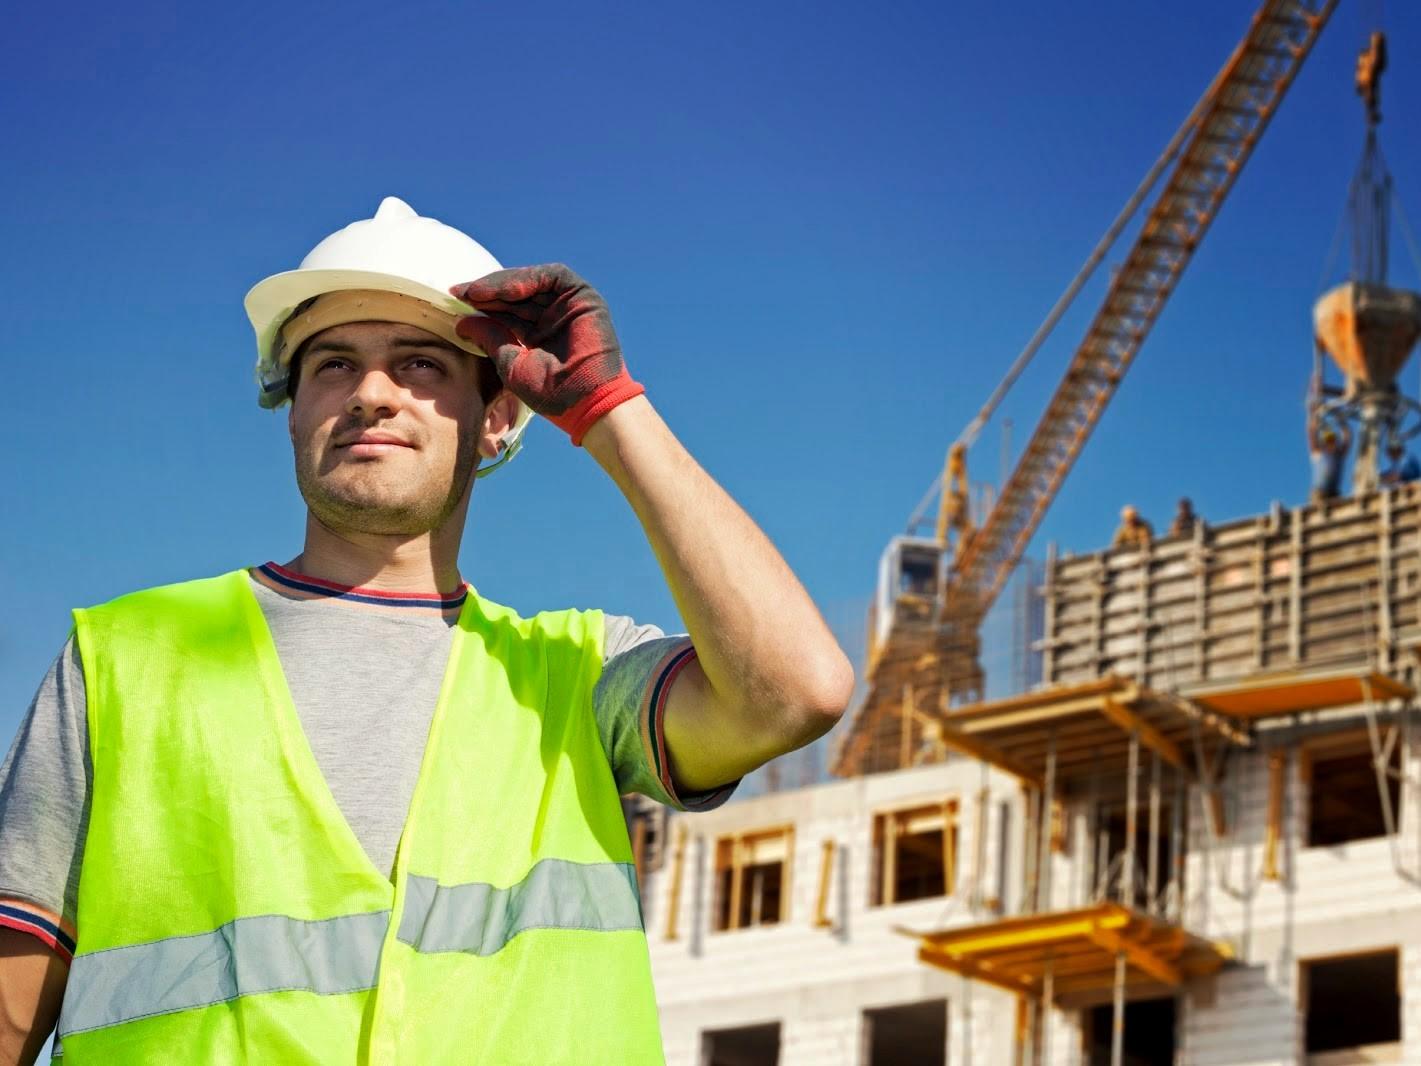 Право на льготную пенсию для мастеров строительных работ